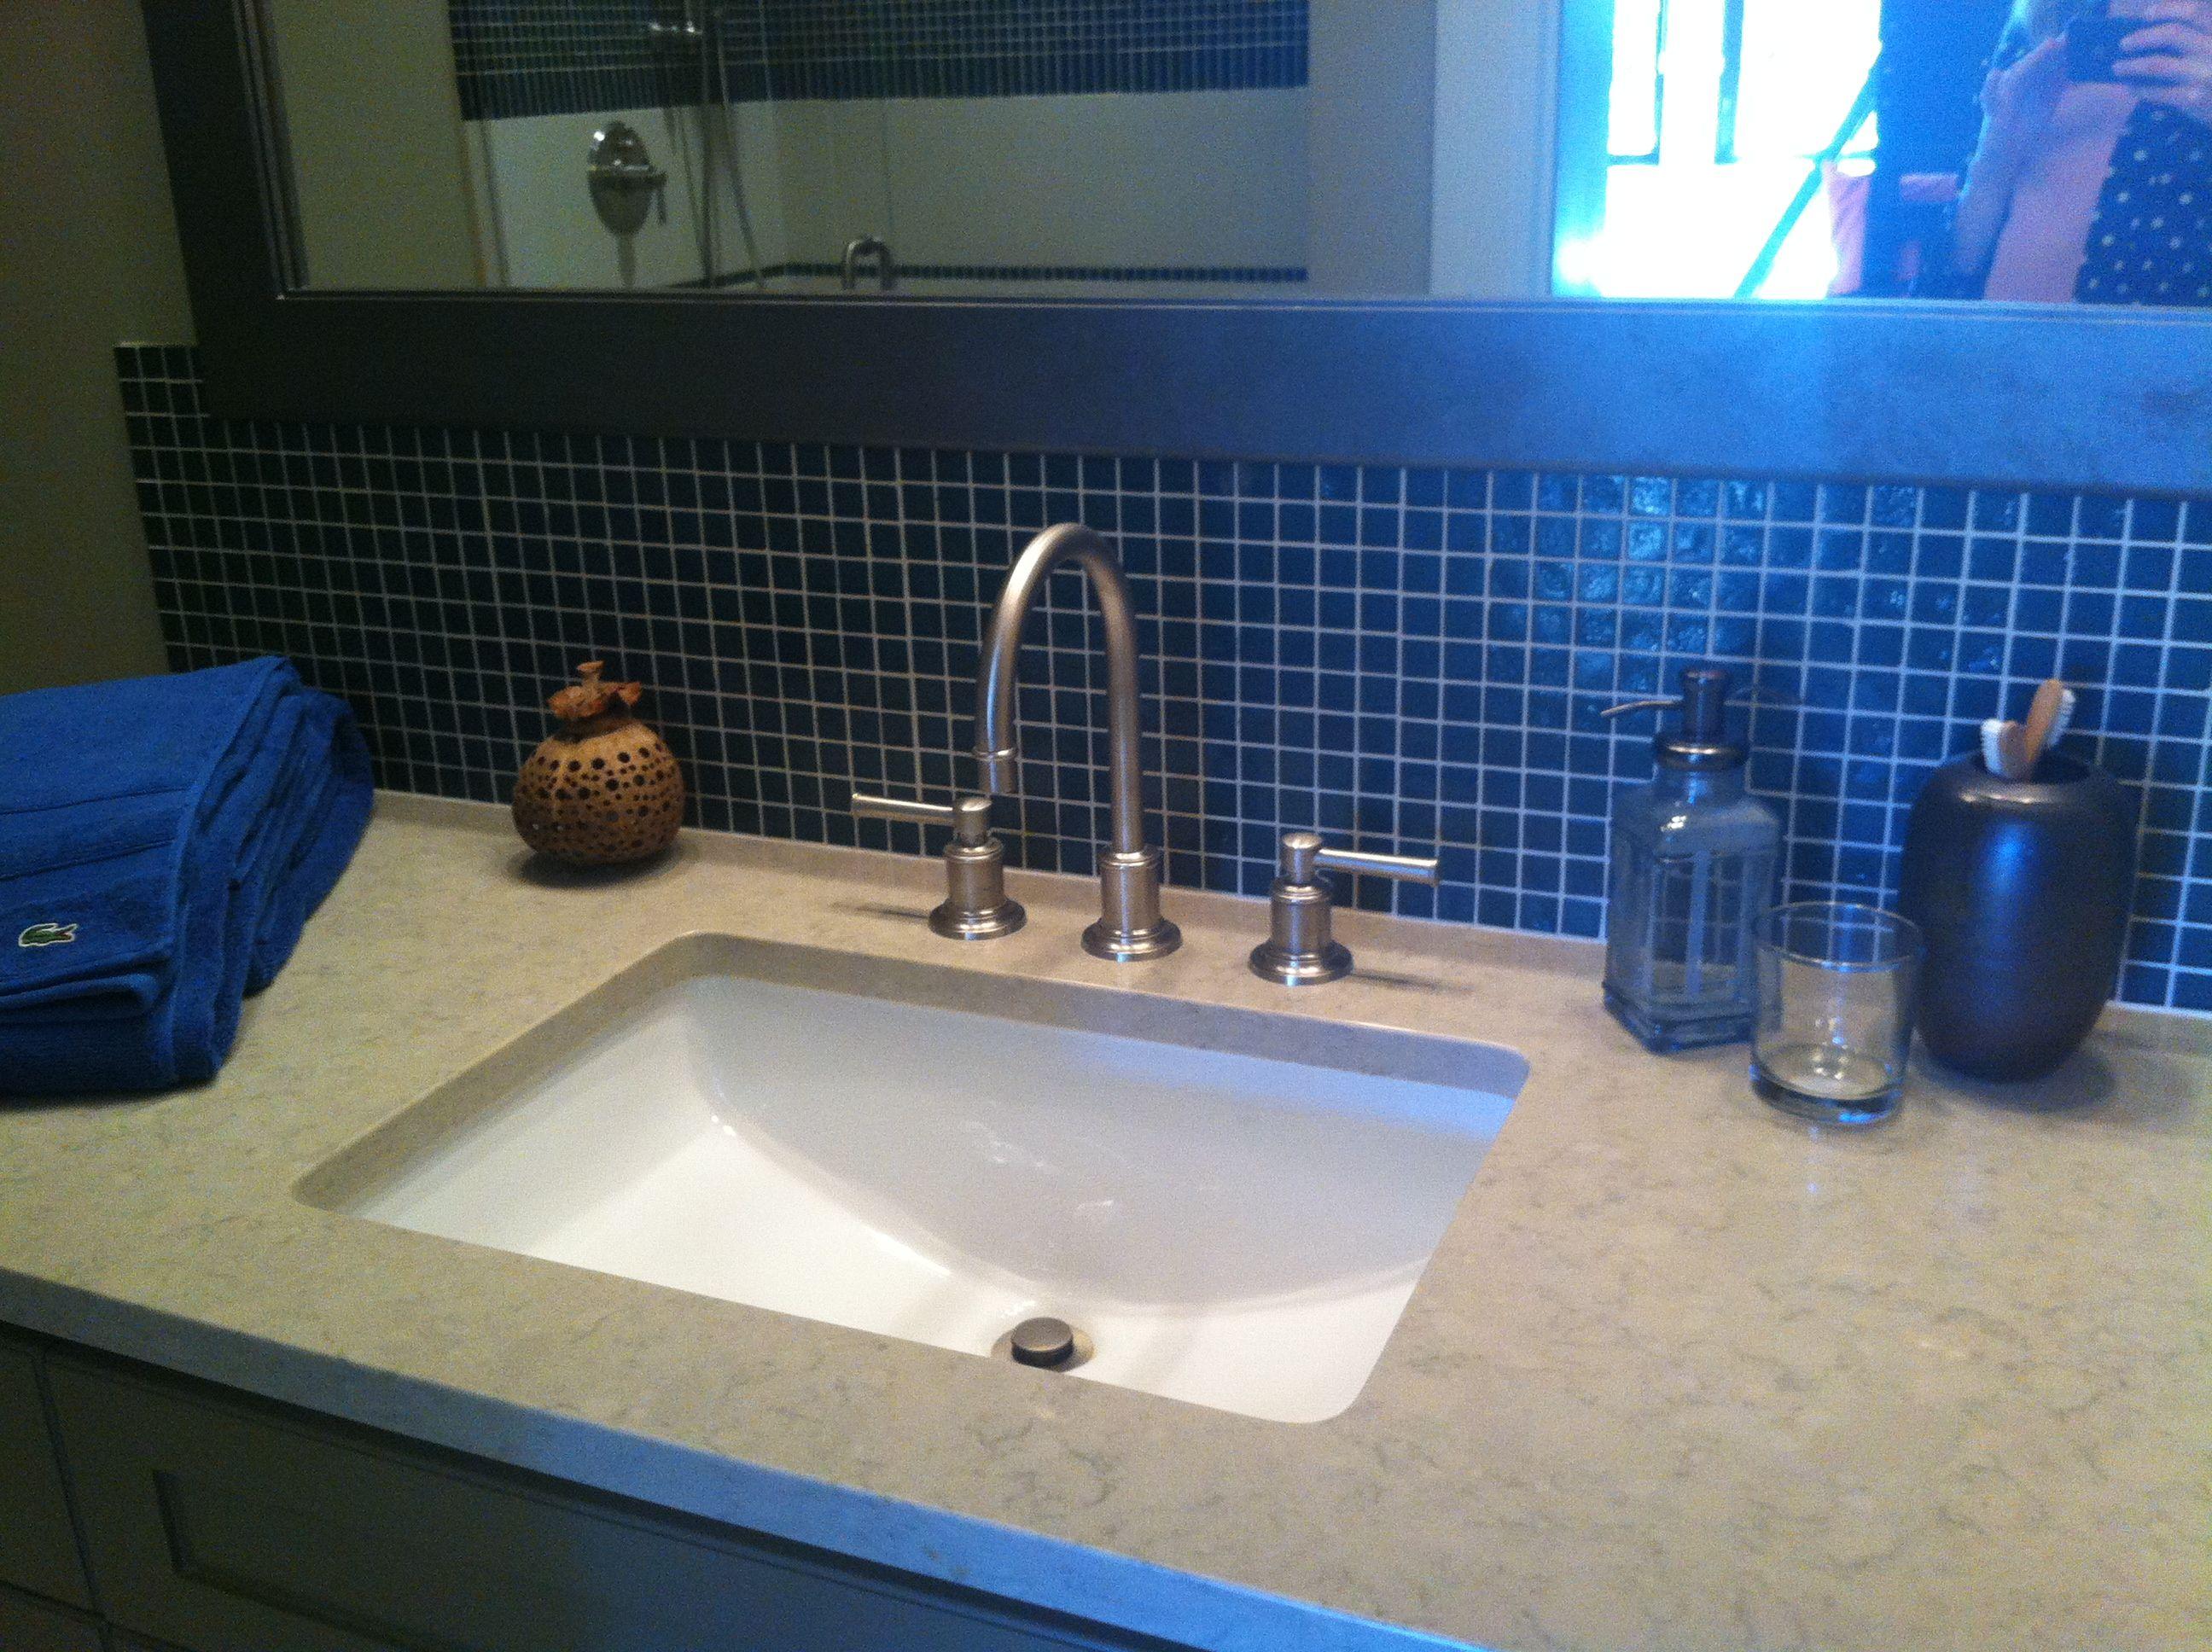 Boys bathroom countertop decor! #indigo #AmericanDreamSOD | Street ...